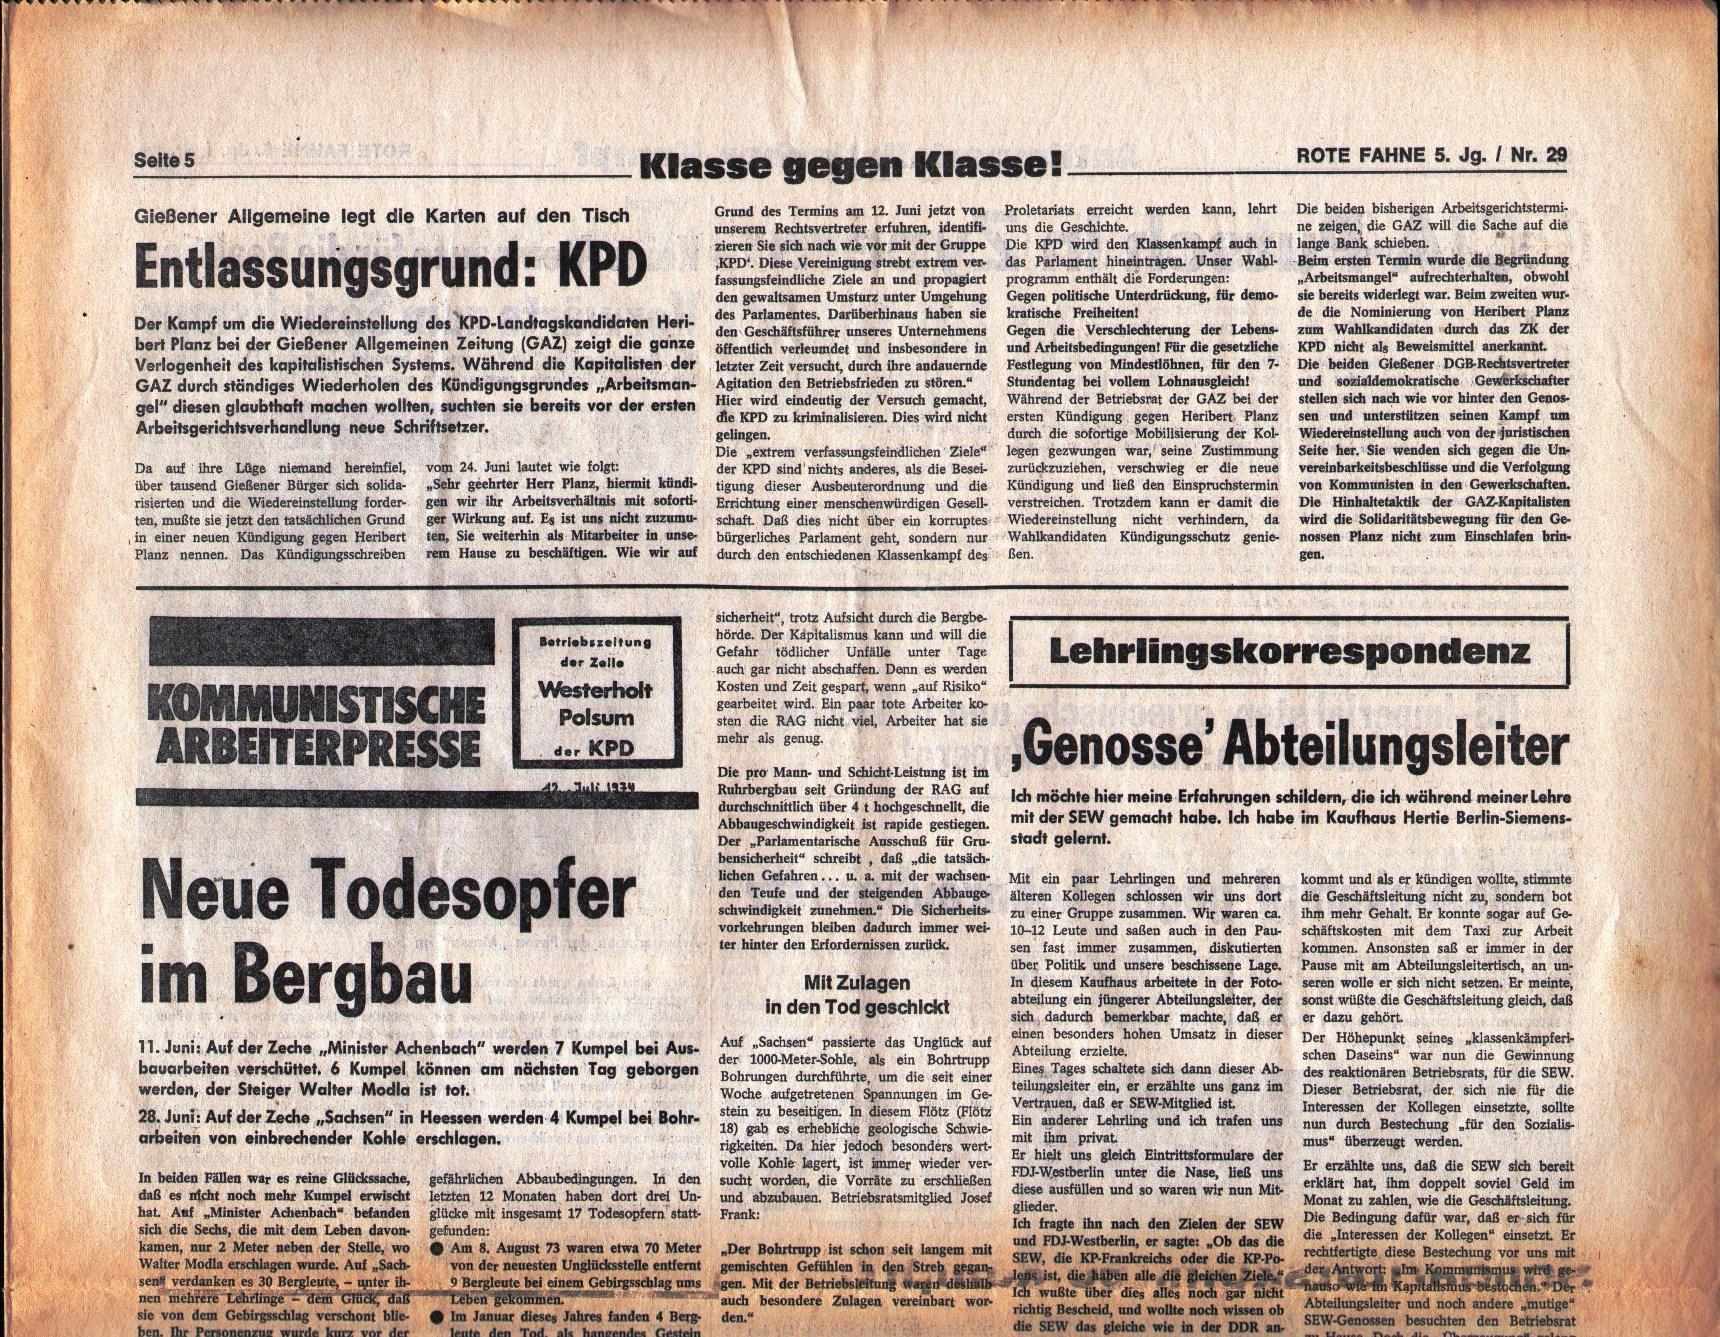 KPD_Rote_Fahne_1974_29_09